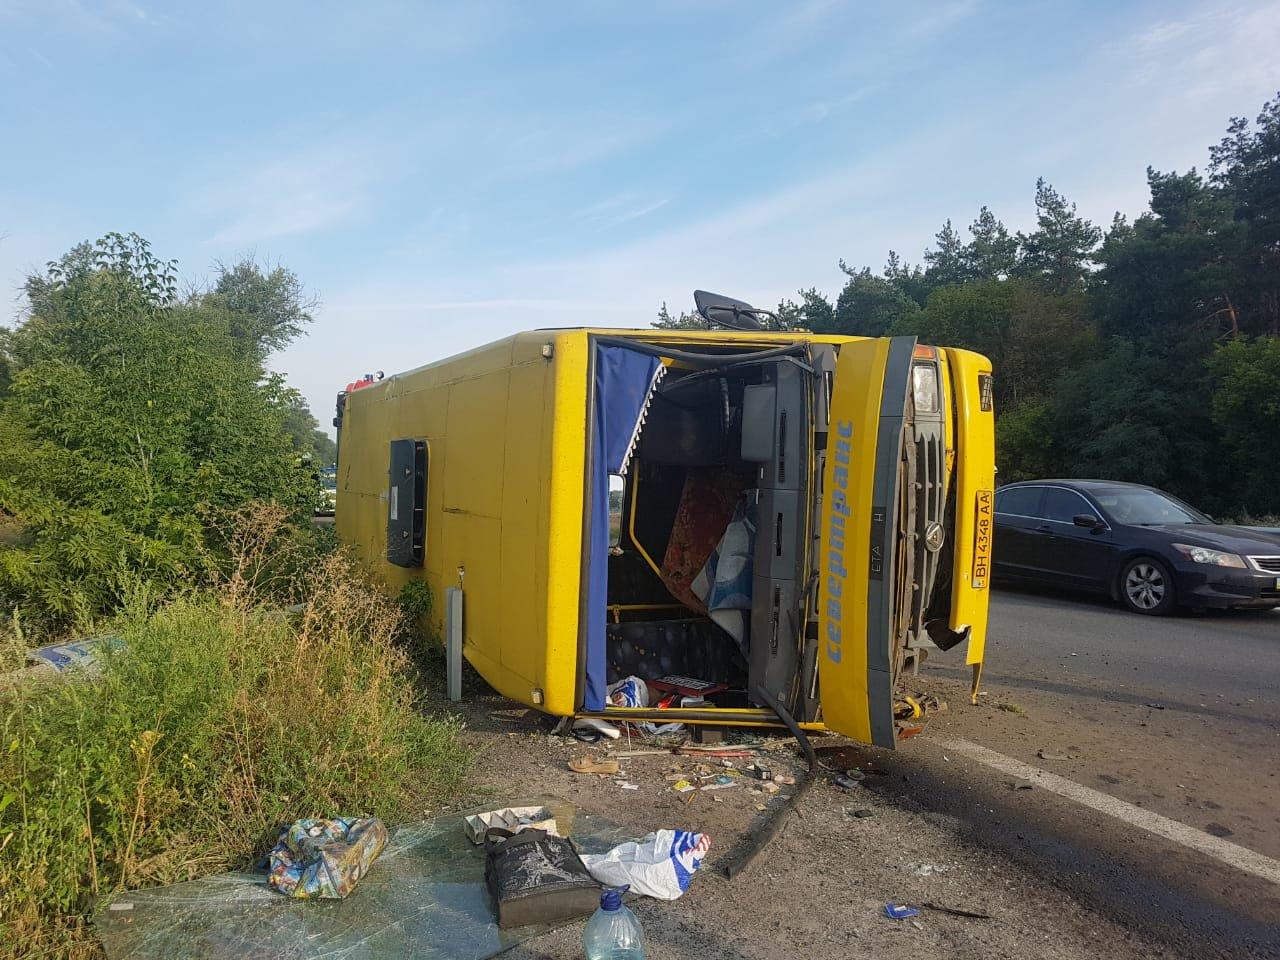 Под Днепром фура врезалась в автобус с людьми: много пострадавших,  - ФОТО, ВИДЕО, фото-1